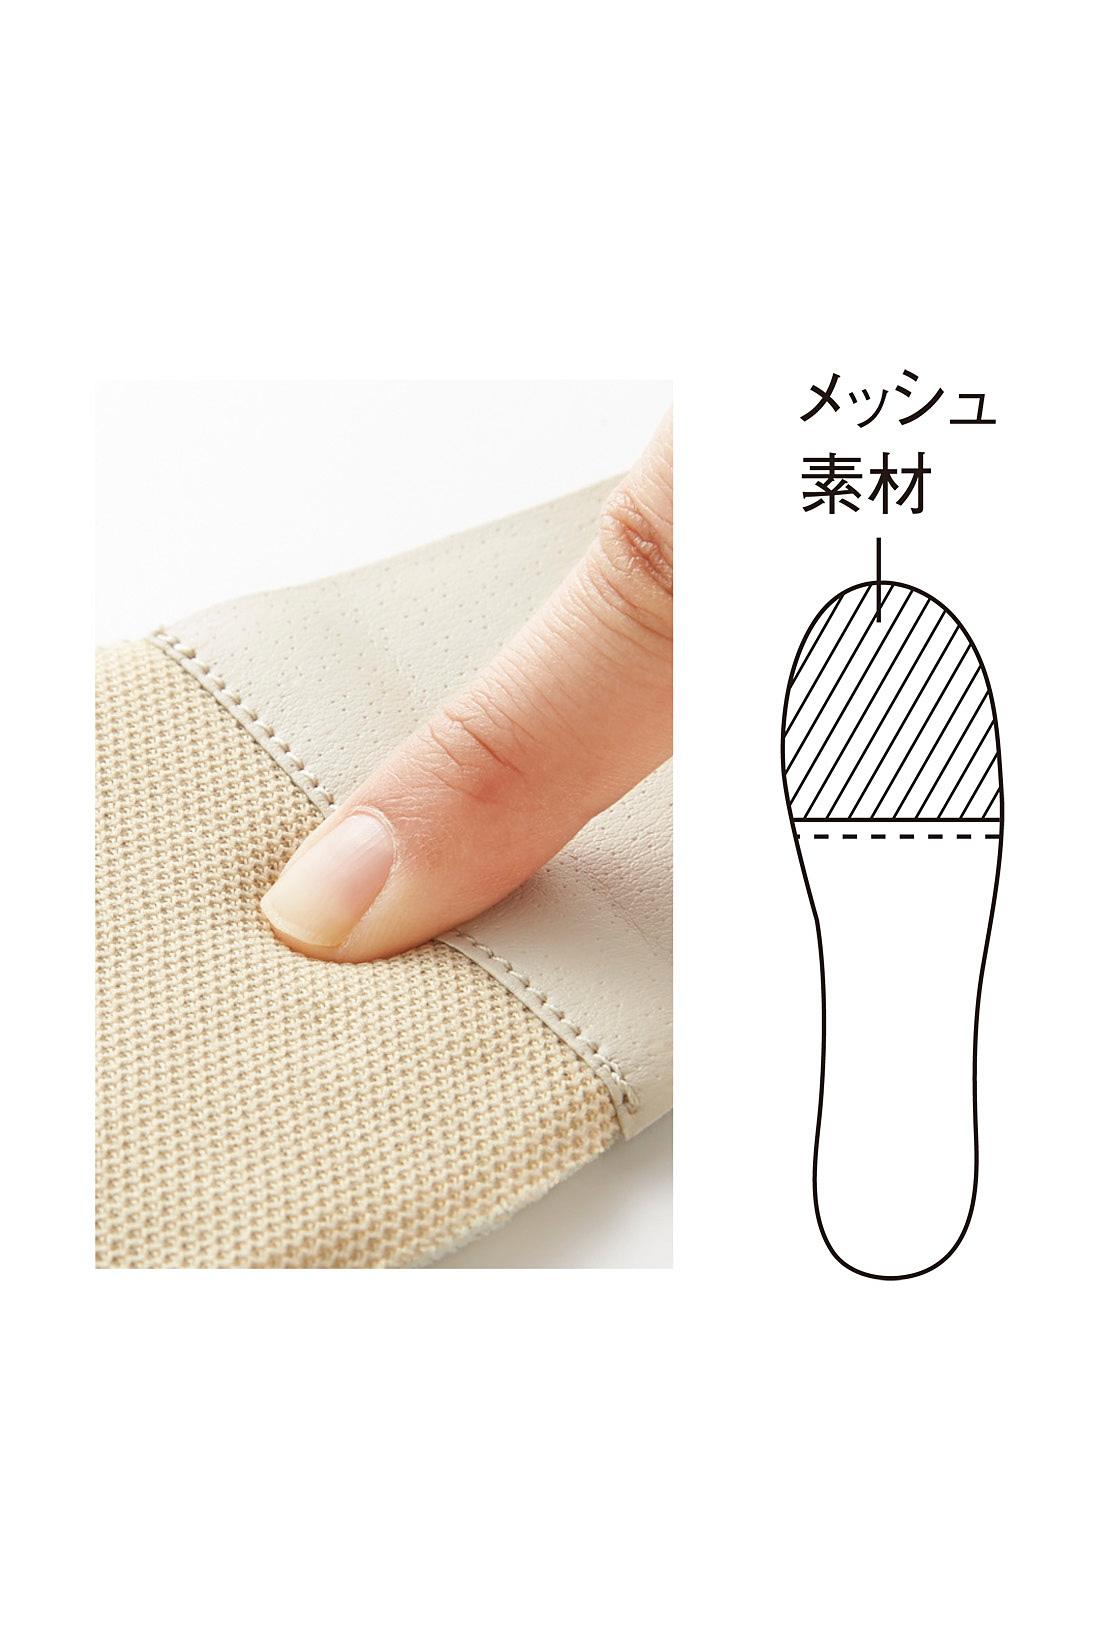 ふかふか弾力のあるクッション入り中敷き。さらに足先はムレにくいメッシュ素材で快適な履き心地。